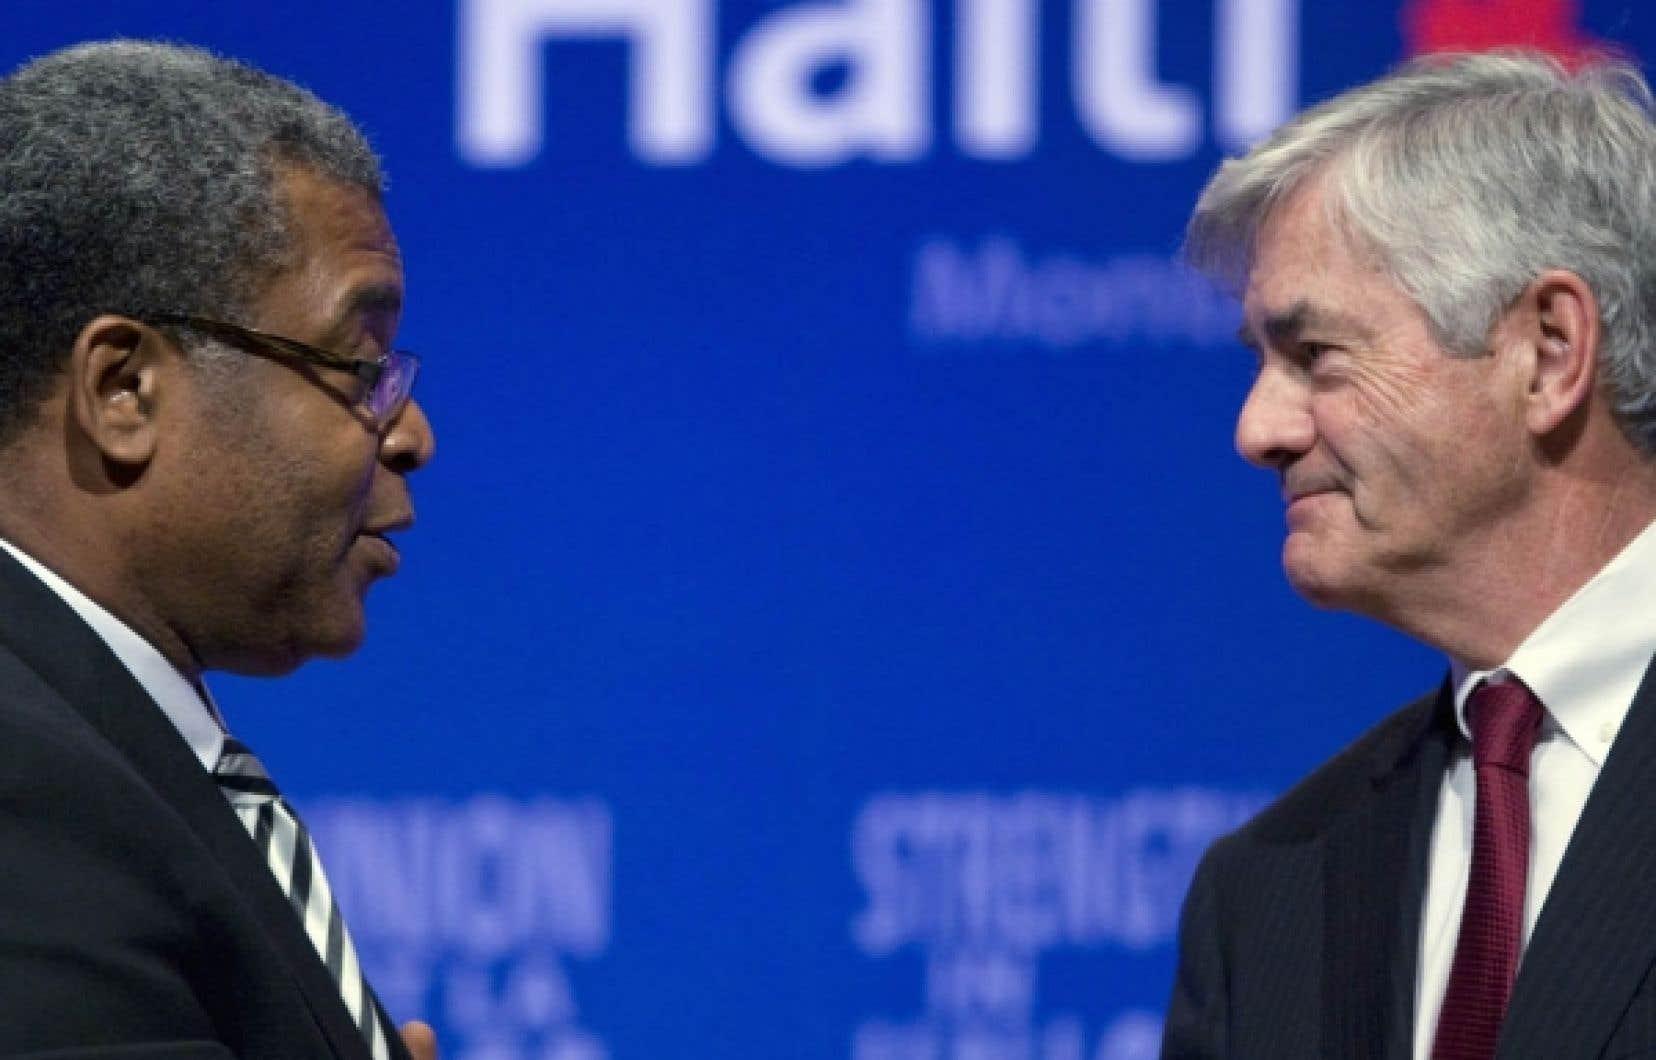 Le premier ministre haïtien, Jean-Max Bellerive, s'adresse à Lawrence Cannon, ministre canadien des Affaires étrangères et président du sommet international tenu hier à Montréal sur la reconstruction en Haïti.